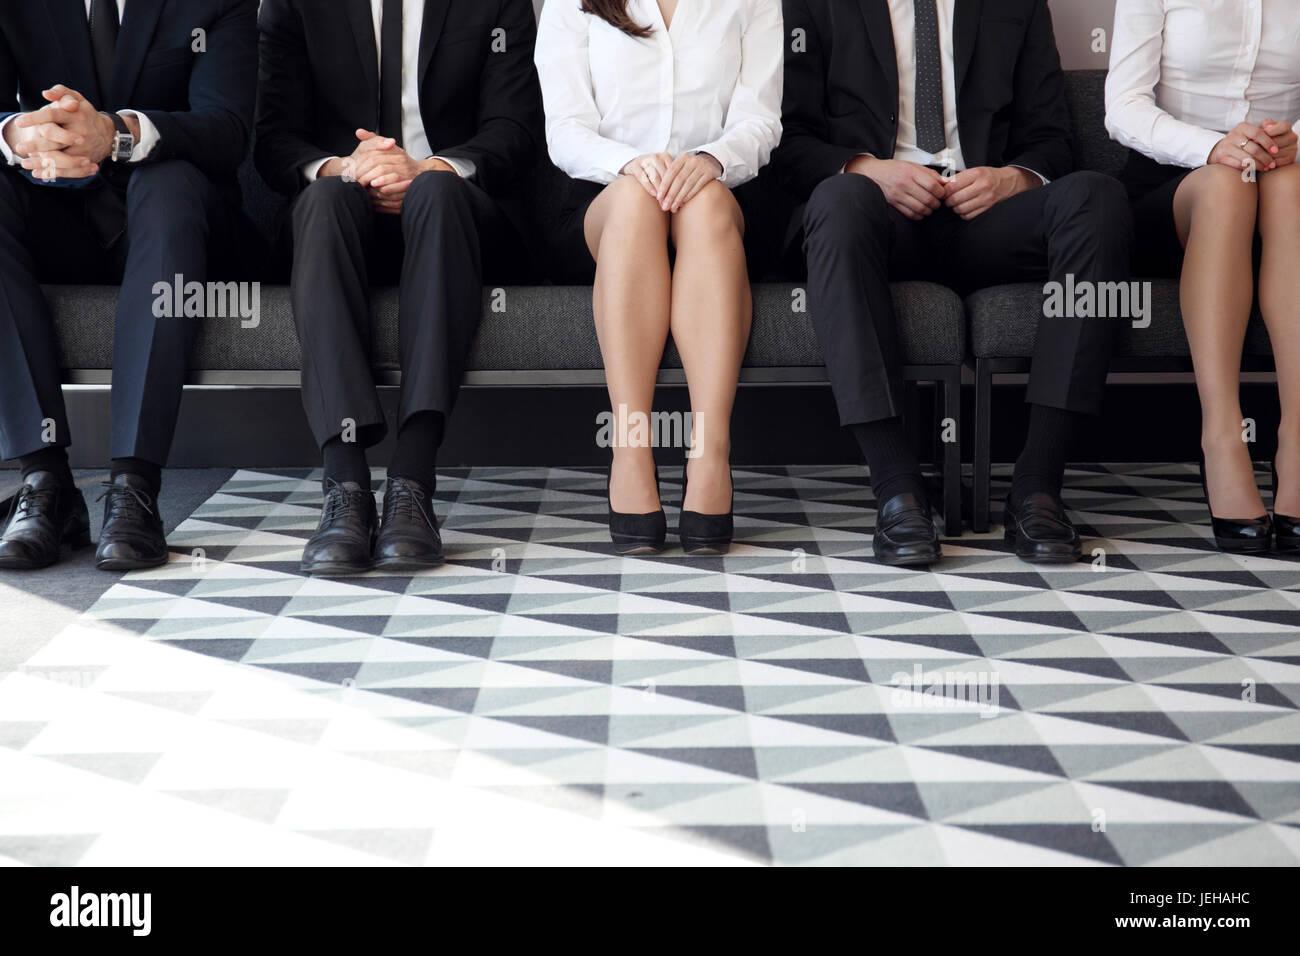 Persone in attesa per il colloquio di lavoro seduti su sedie in fila Immagini Stock